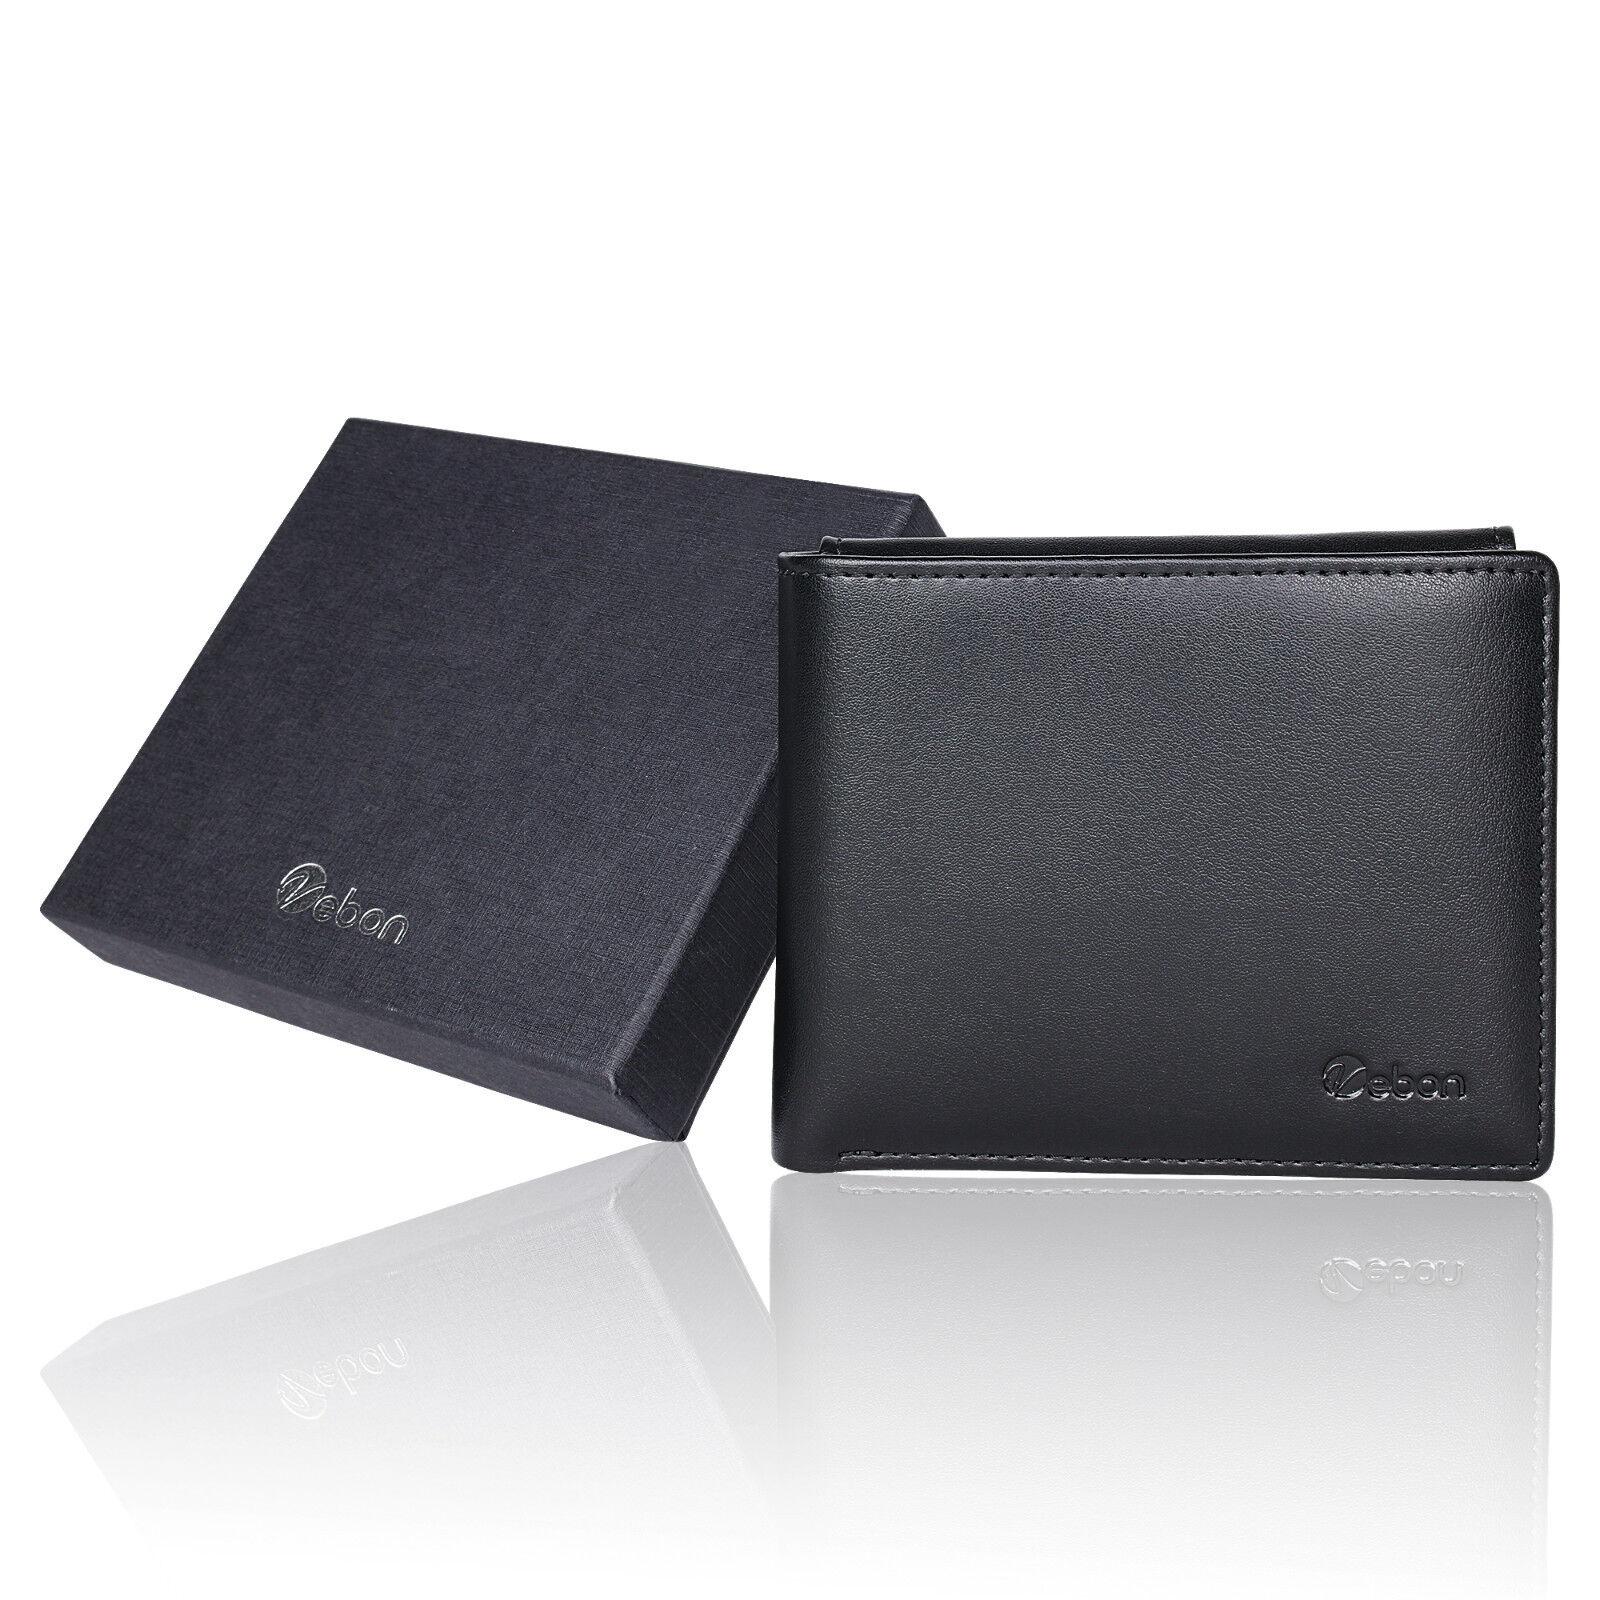 Vebon® Geldbörse aus Echtleder für Herren | RFID-Schutz + Kreditkartenetui